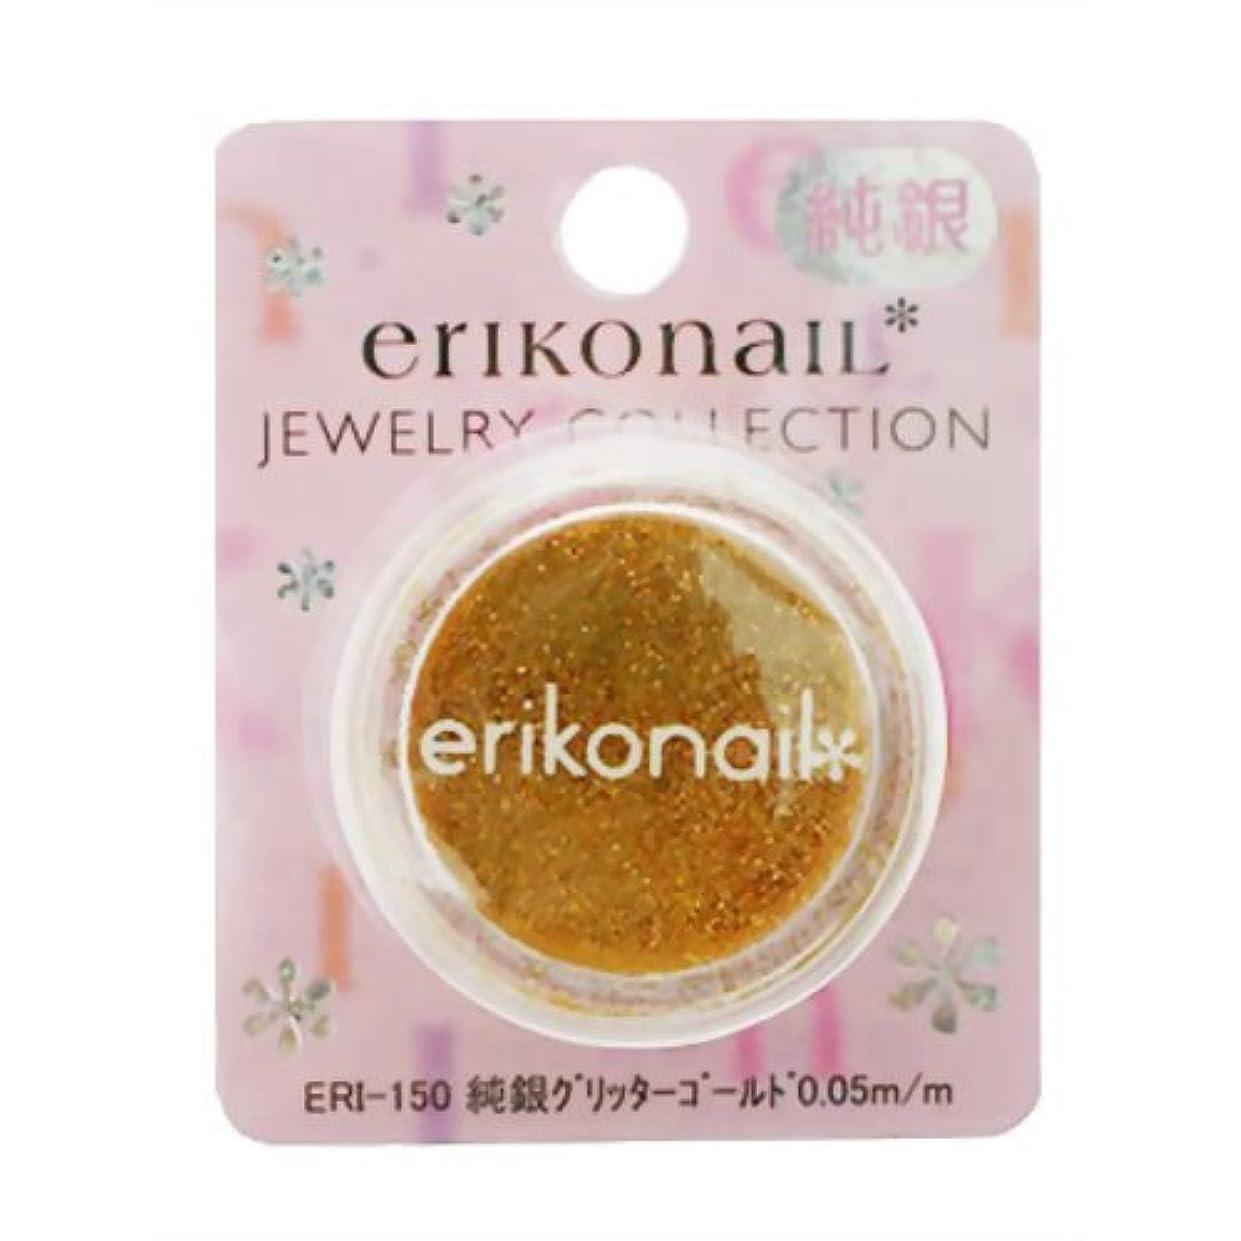 見えないコテージインク黒崎えり子 エリコネイル ジュエリーコレクション ERI-150 純銀グリッターゴールド0.05